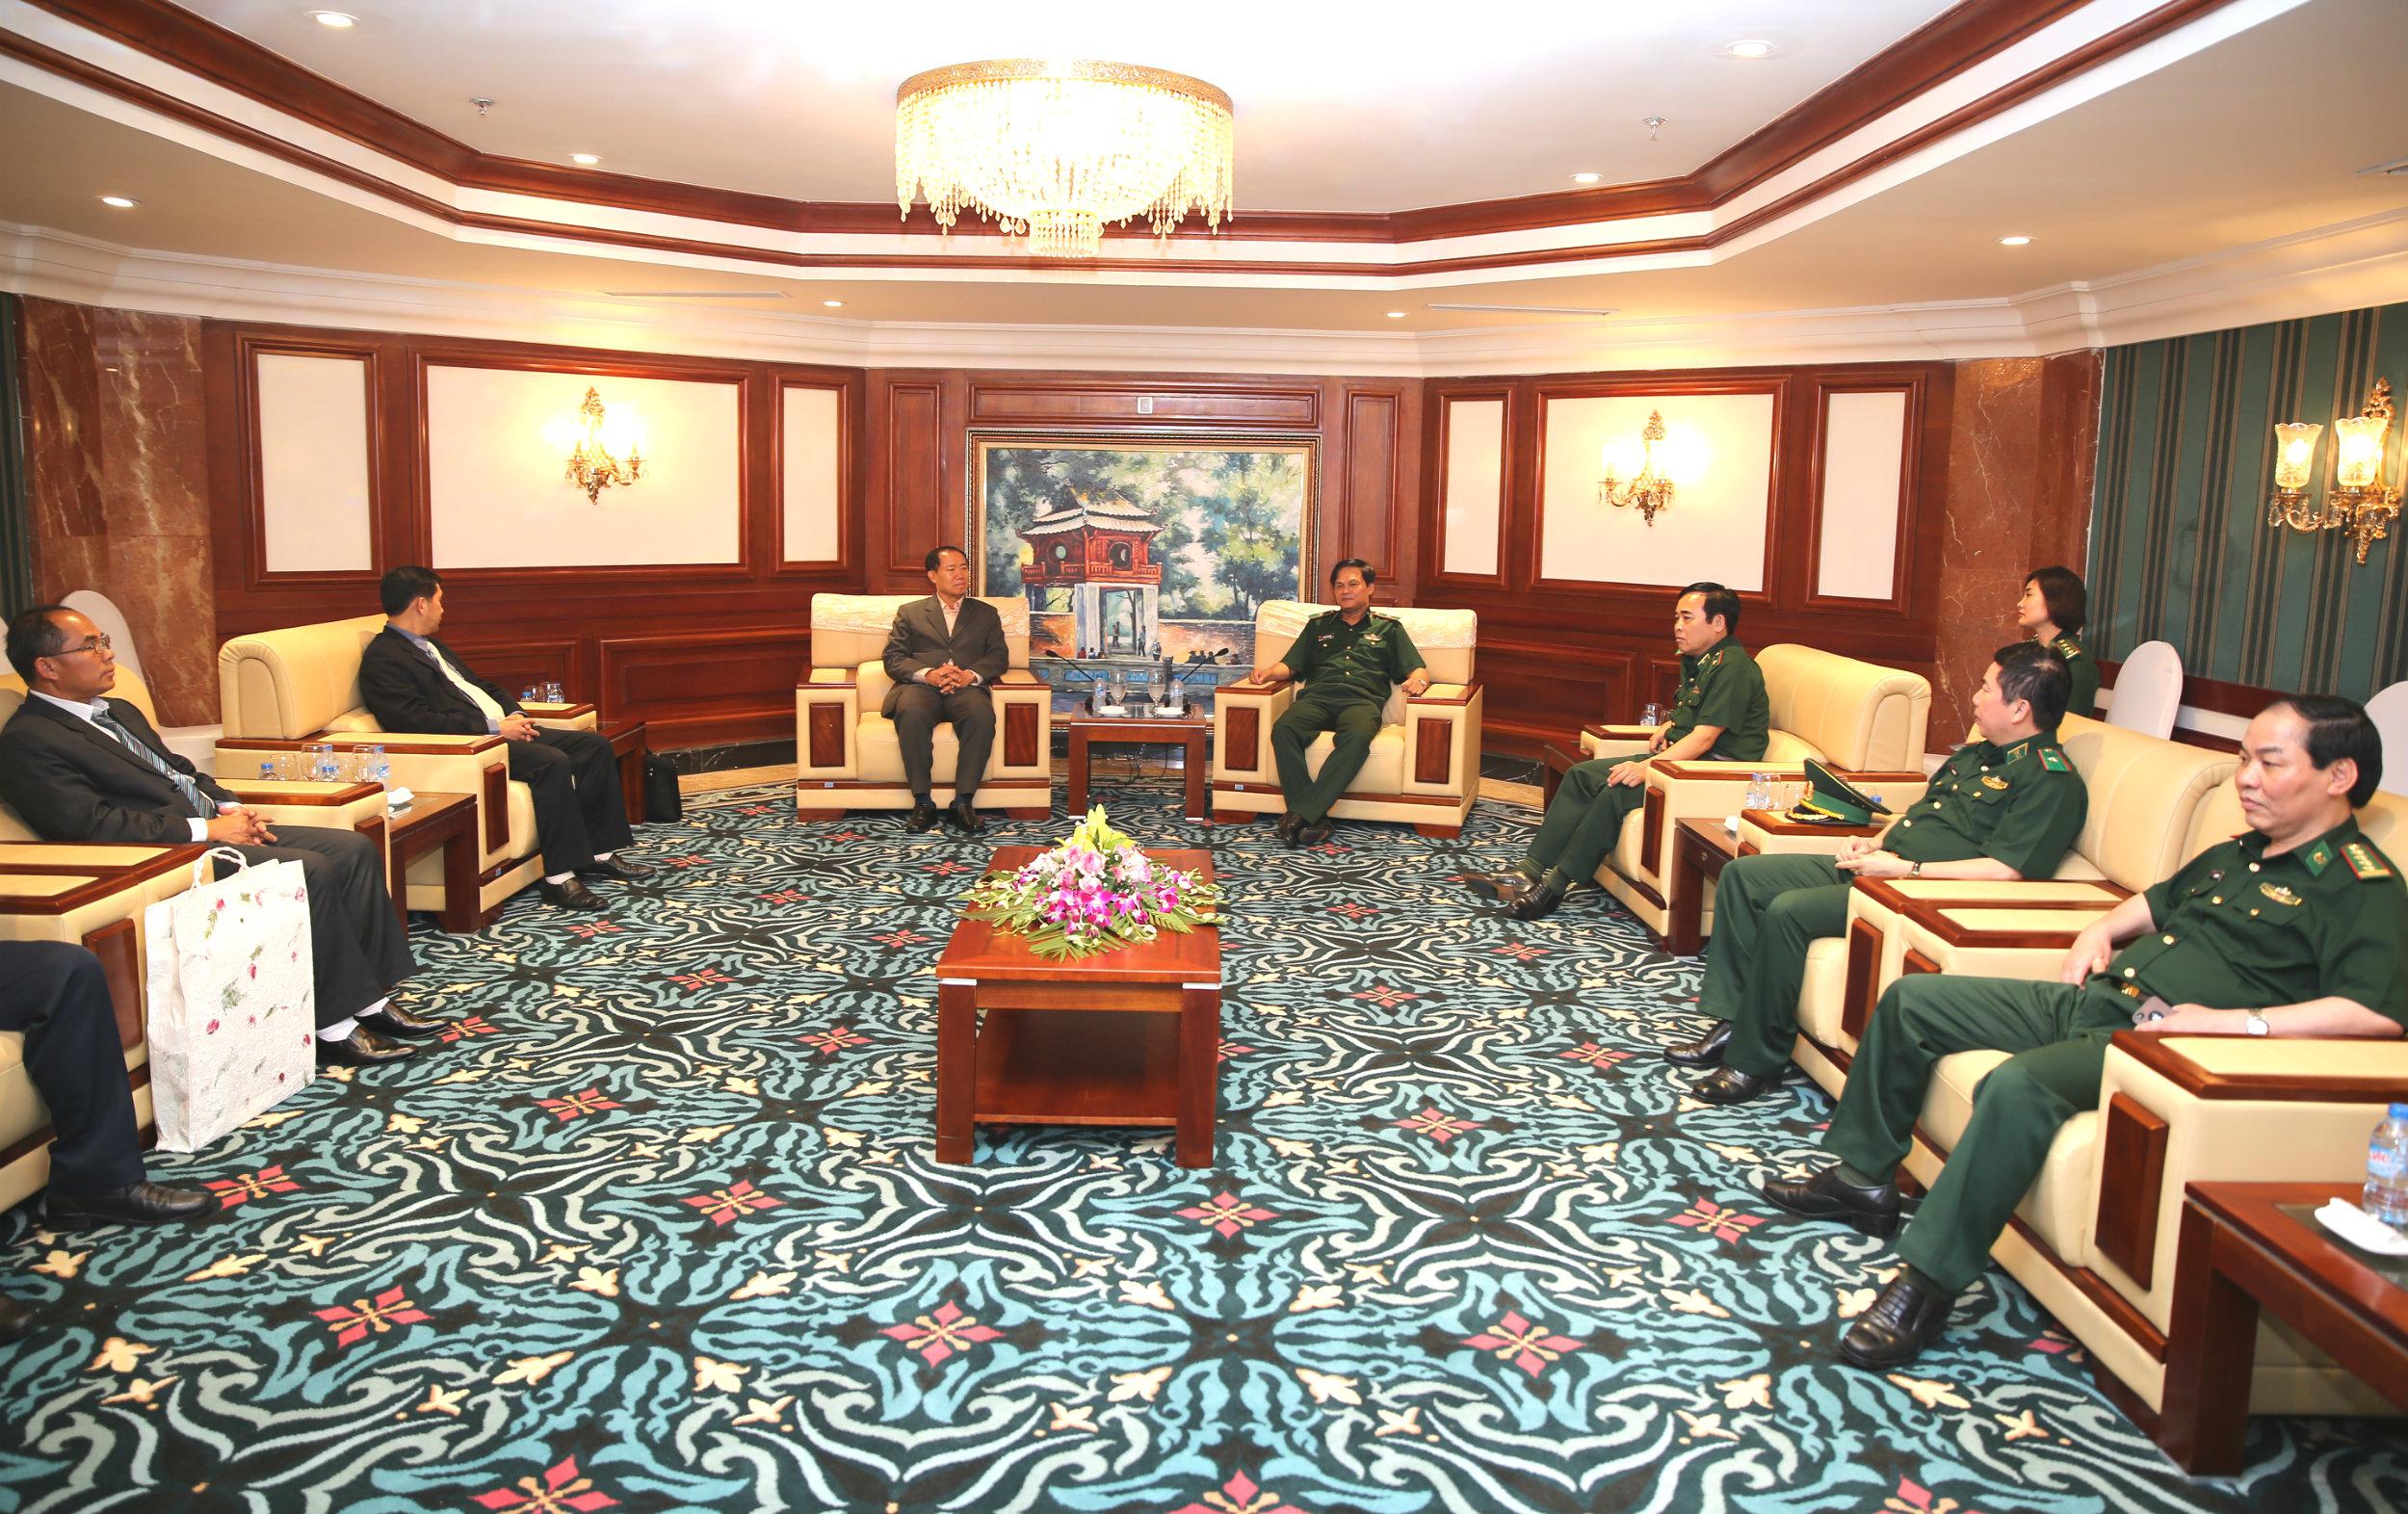 Thiếu tướng Nguyễn Văn Nam đón tiếp các đoàn khách quốc tế